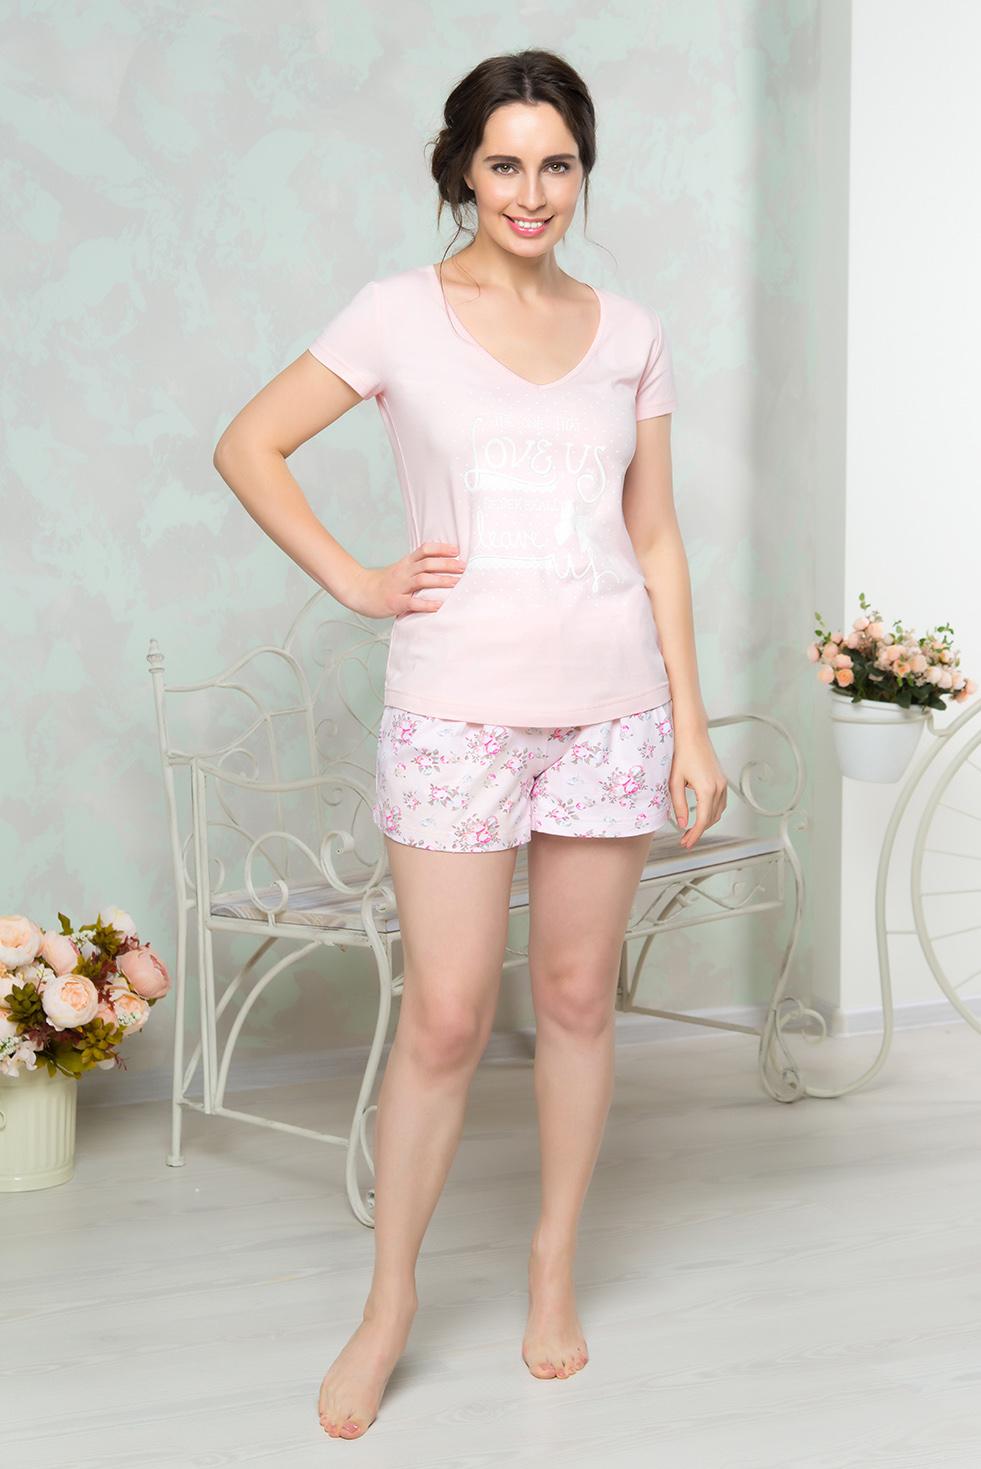 Пижама женская Mia Cara: футболка, шорты, цвет: розовый. AW16-MCUZ-845. Размер 50/52AW16-MCUZ-845Пижама женская Mia Cara состоит из футболки и шорт. Модель выполнена из высококачественного хлопка с добавлением эластана. Футболка оформлена принтом с надписями, шорты - цветочным принтом.